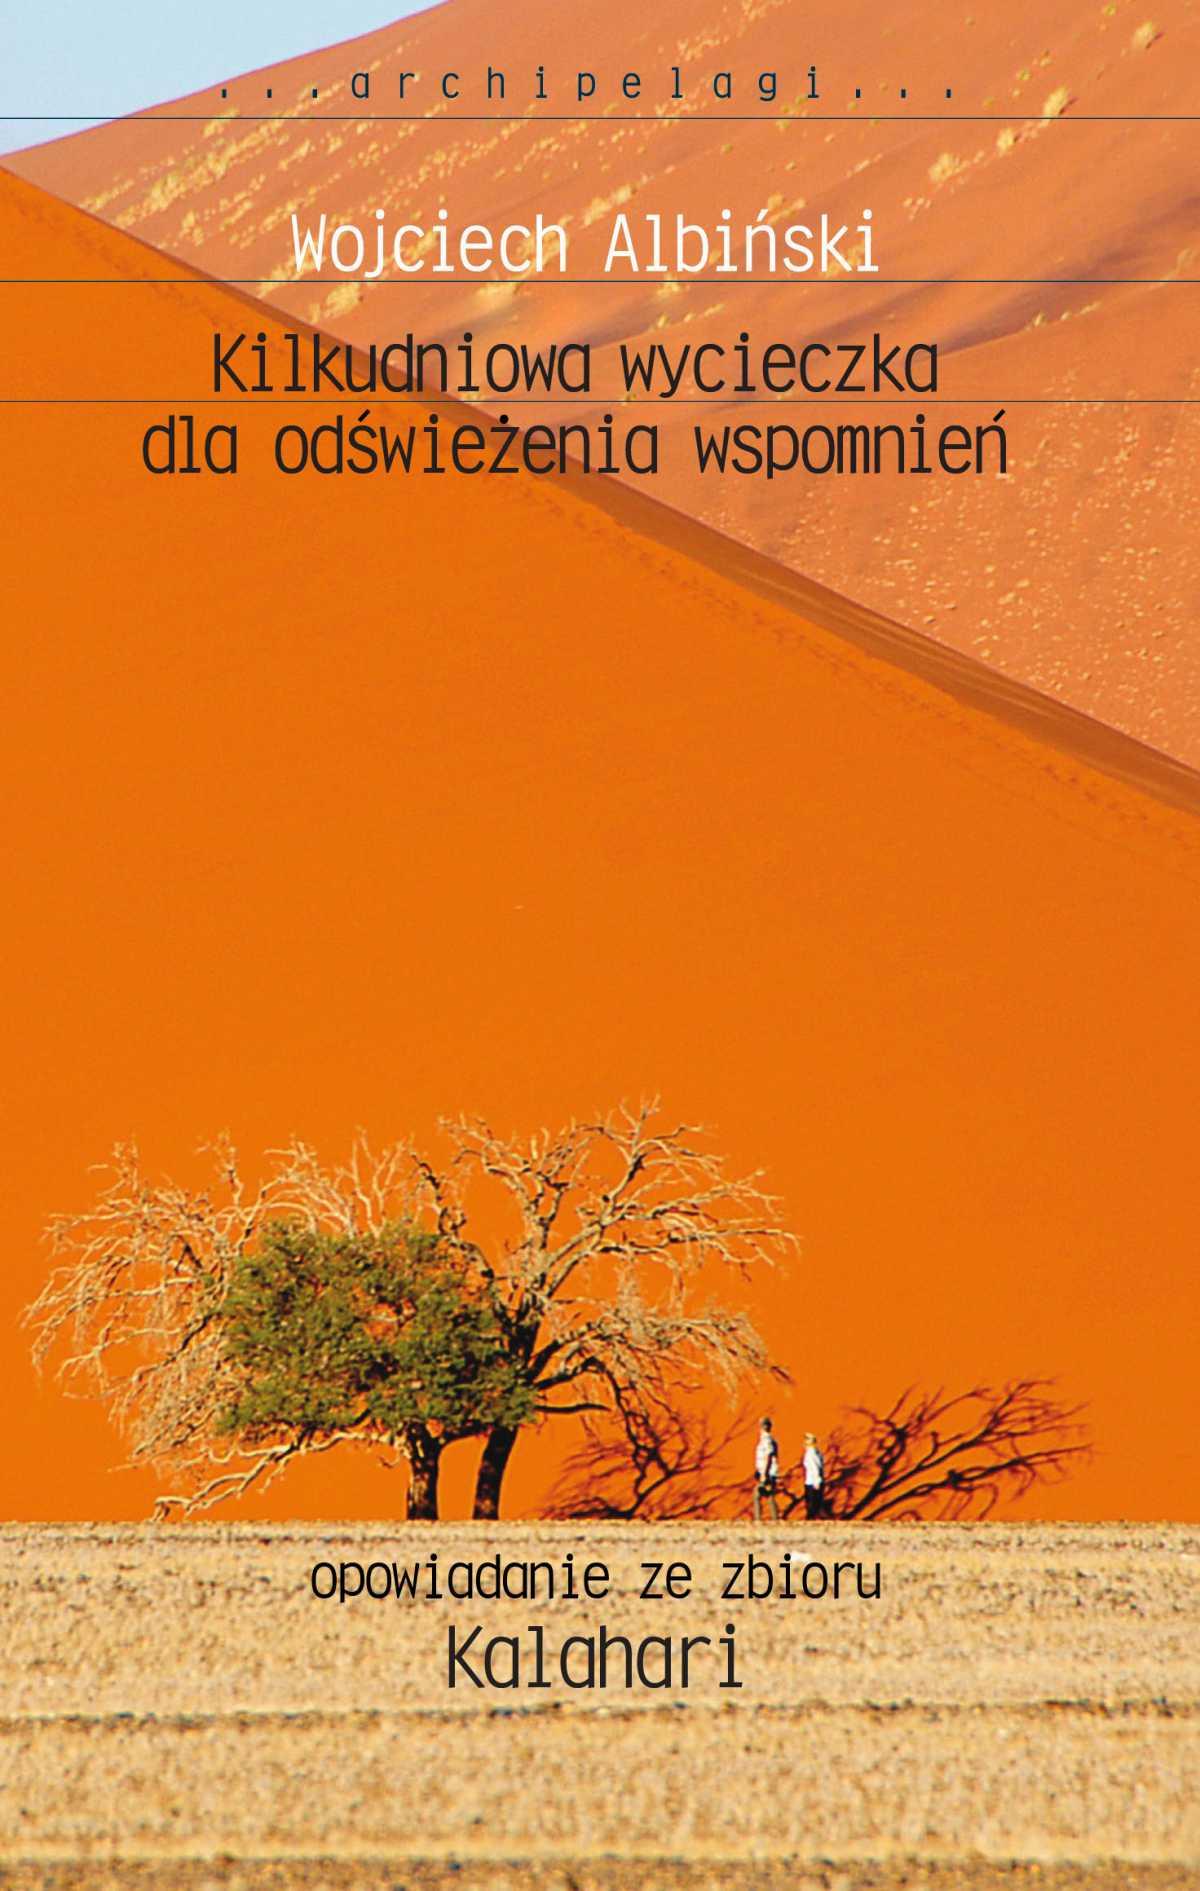 Kilkudniowa wycieczka dla odświeżenia wspomnień - Ebook (Książka EPUB) do pobrania w formacie EPUB